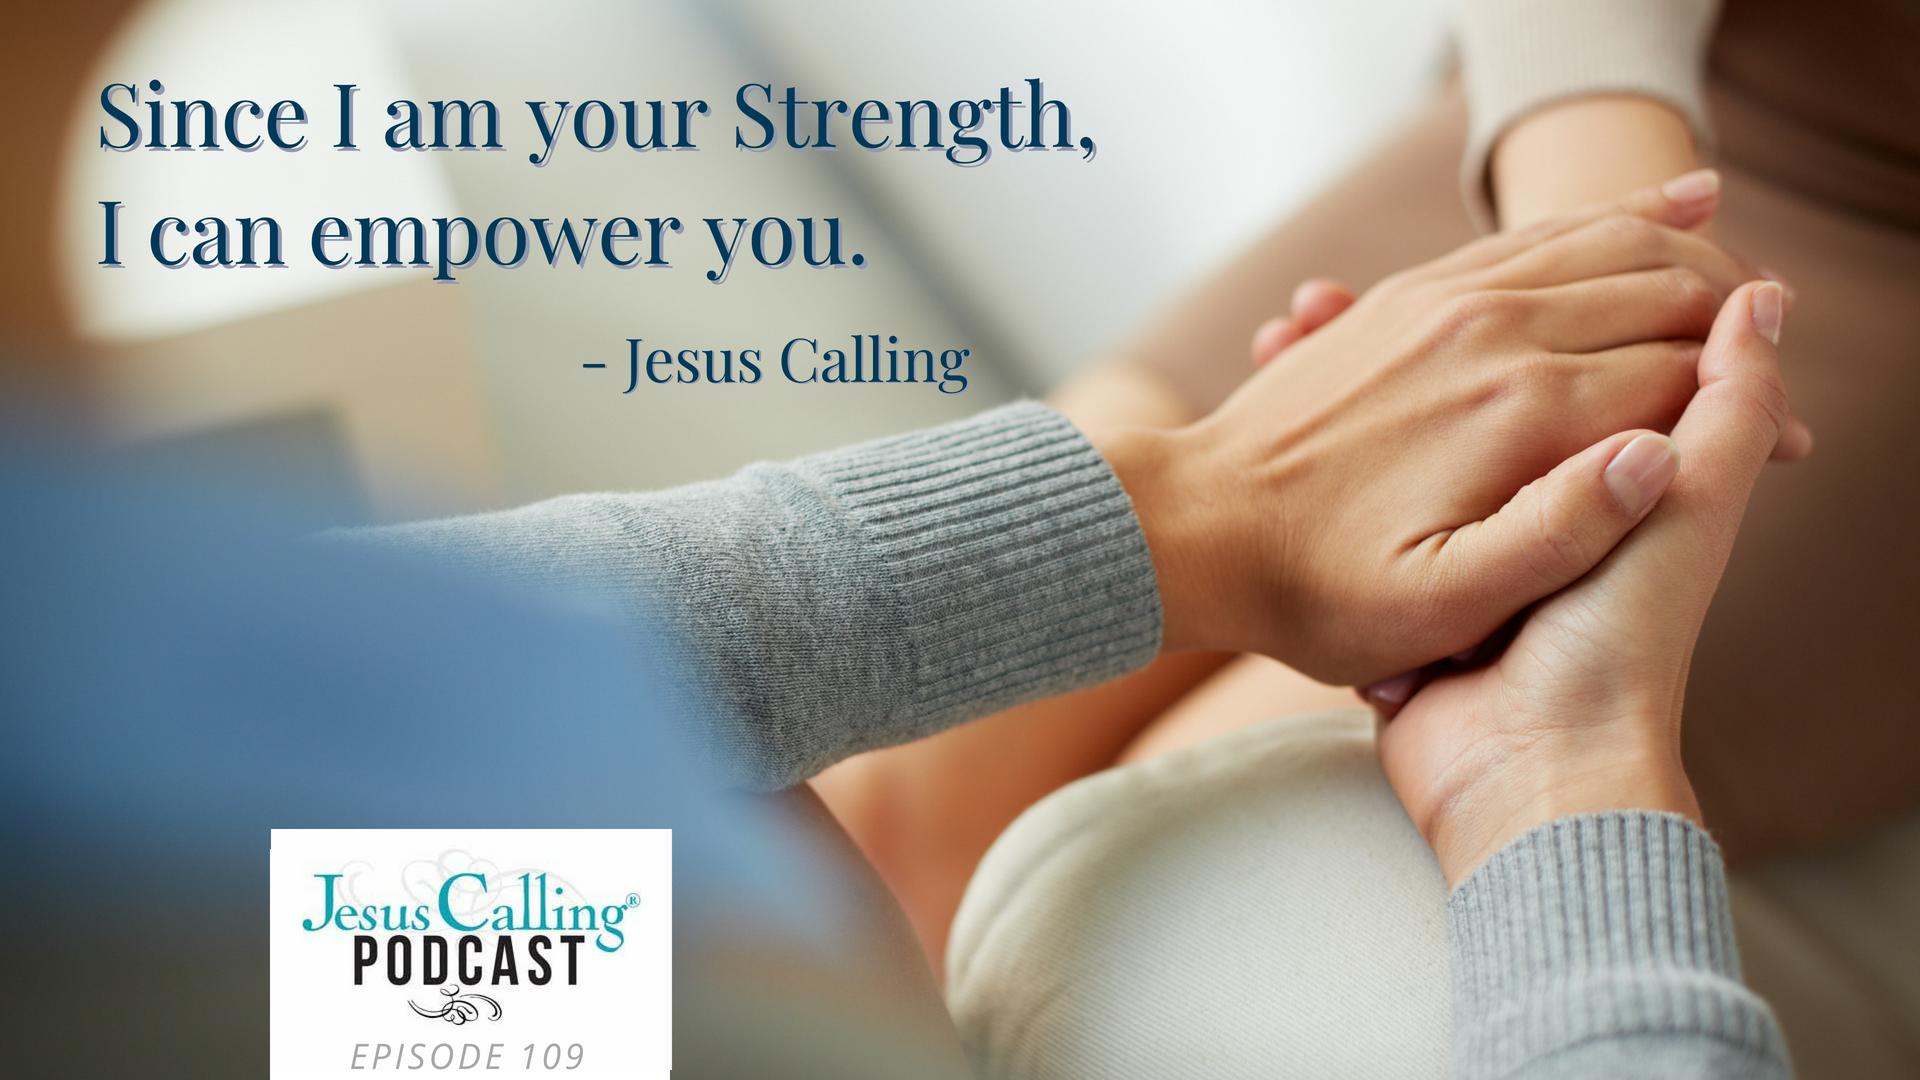 Jesus Calling podcast #109 featuring Scott Hamilton & Rhonda Hodge